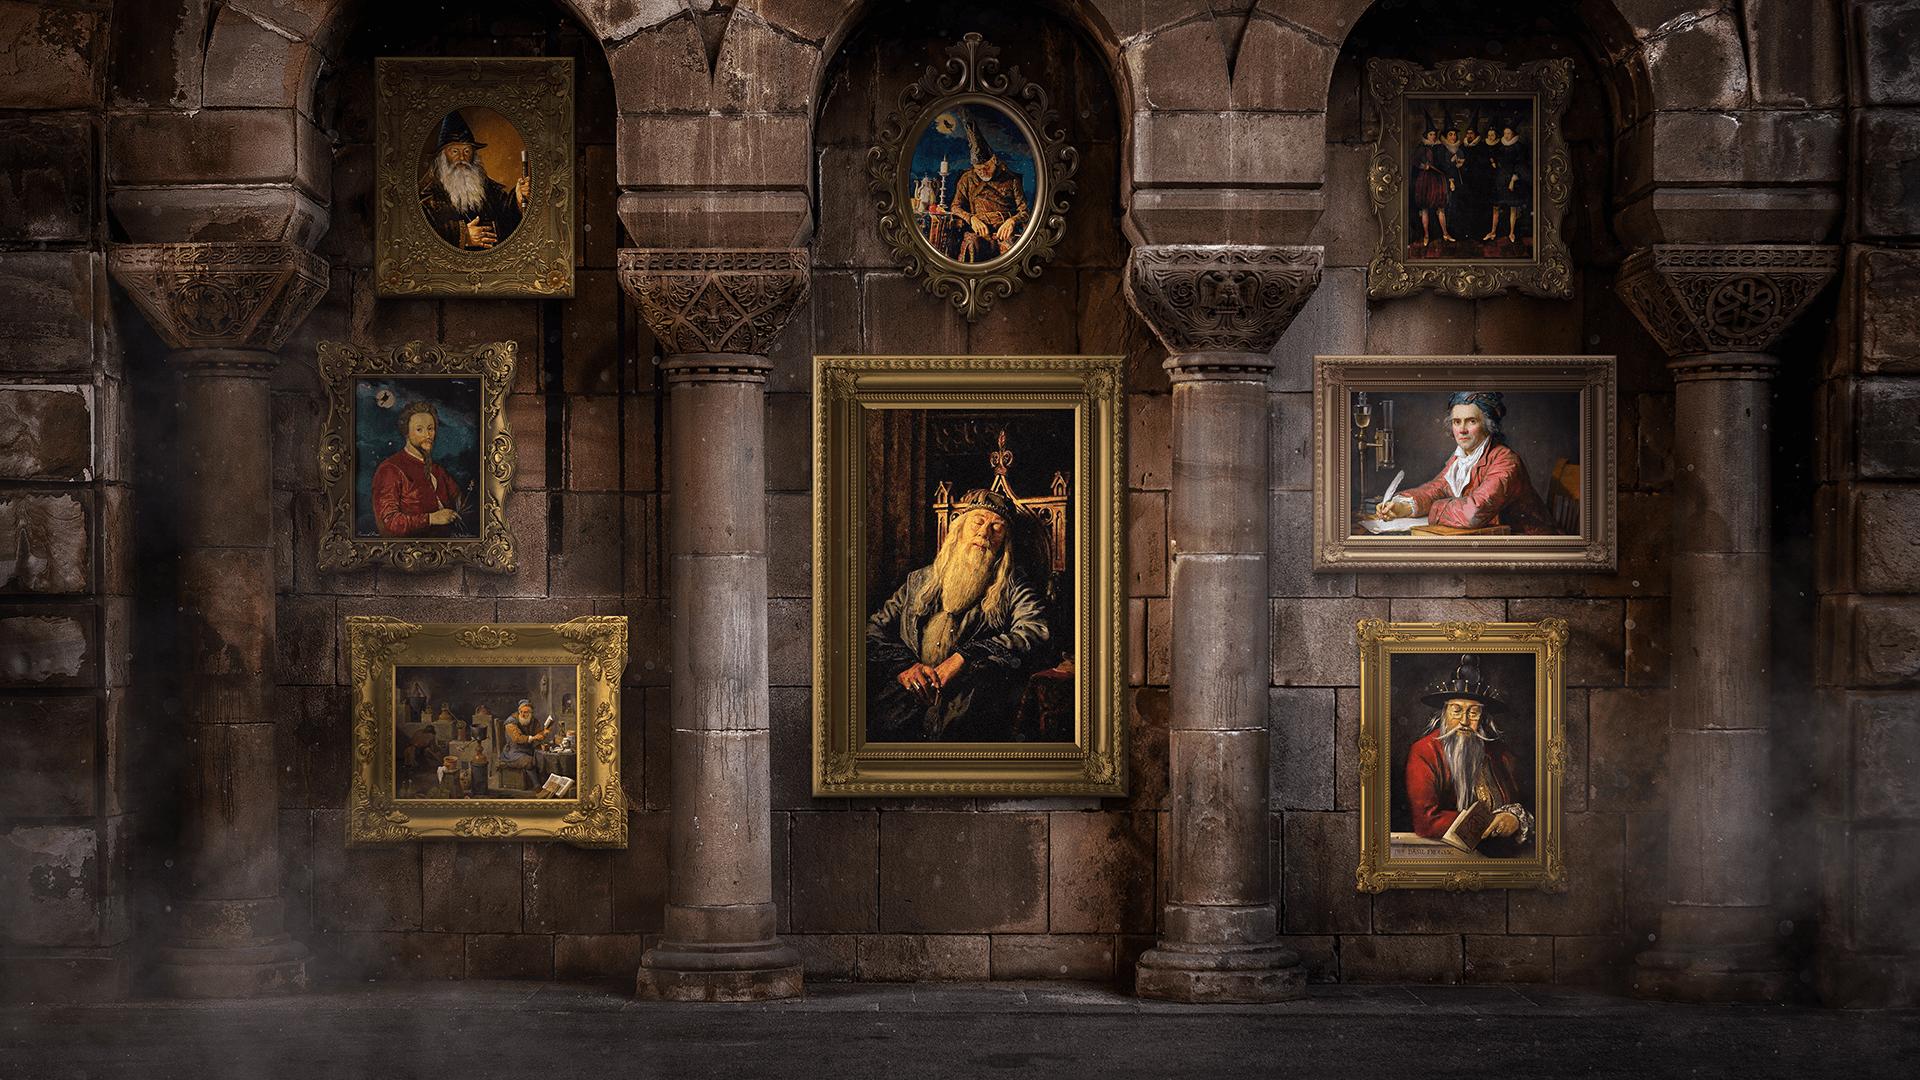 Numa sala com paredes antigas, há diversos quadros com personagens históricos. No centro, uma pintura de Dumbledore, dormindo.